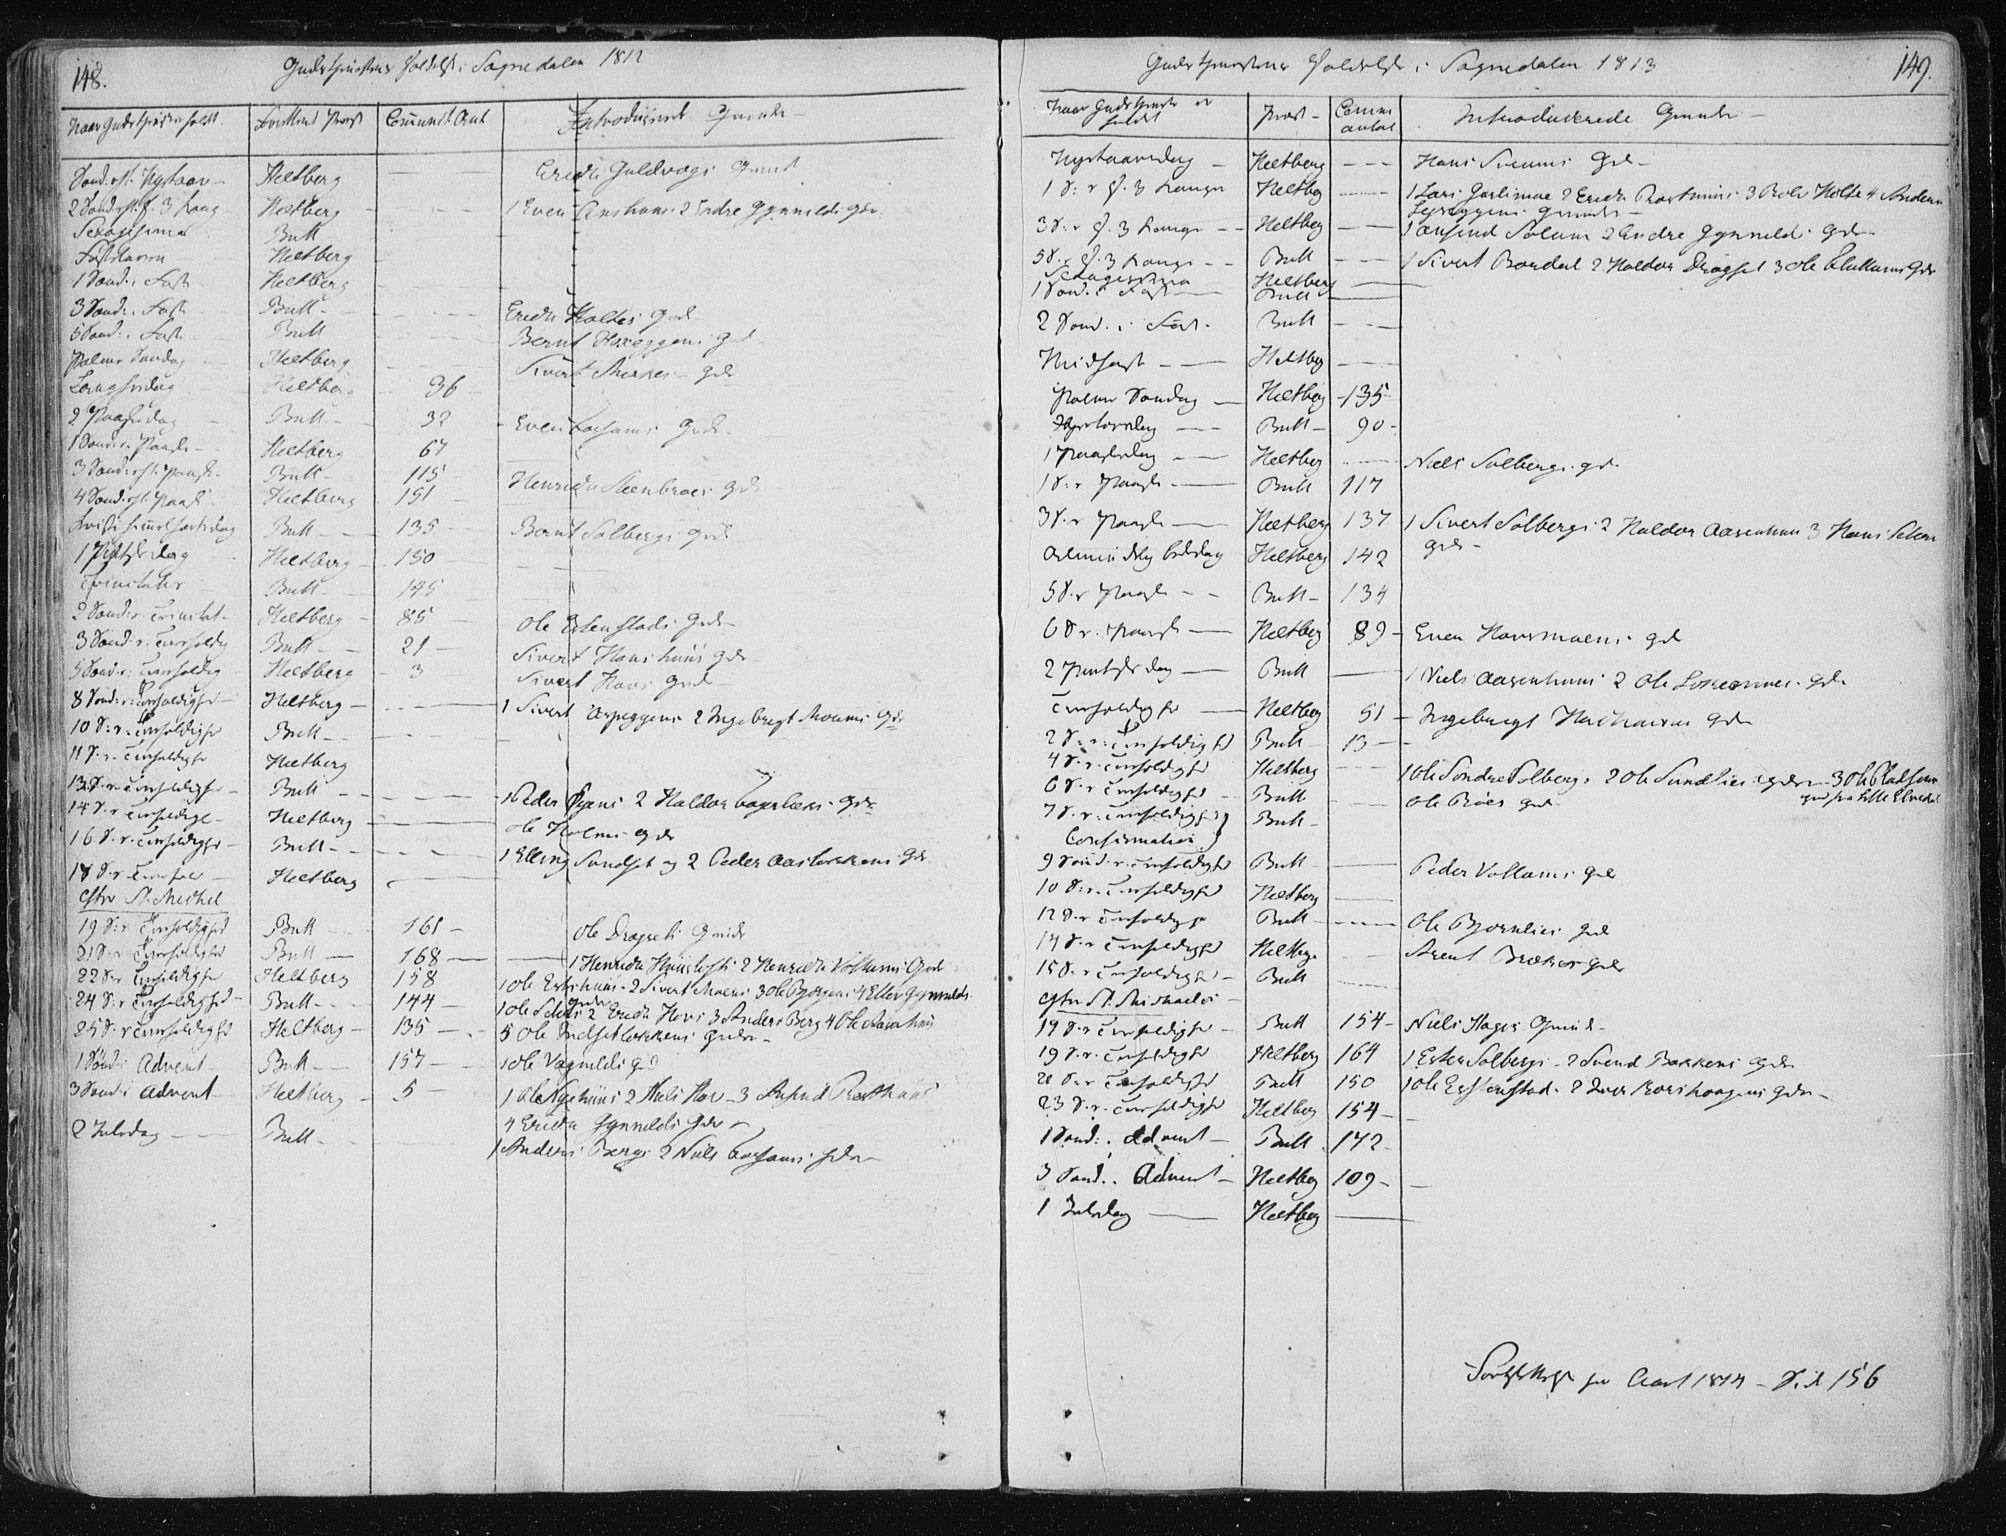 SAT, Ministerialprotokoller, klokkerbøker og fødselsregistre - Sør-Trøndelag, 687/L0994: Ministerialbok nr. 687A03 /3, 1788-1815, s. 148-149